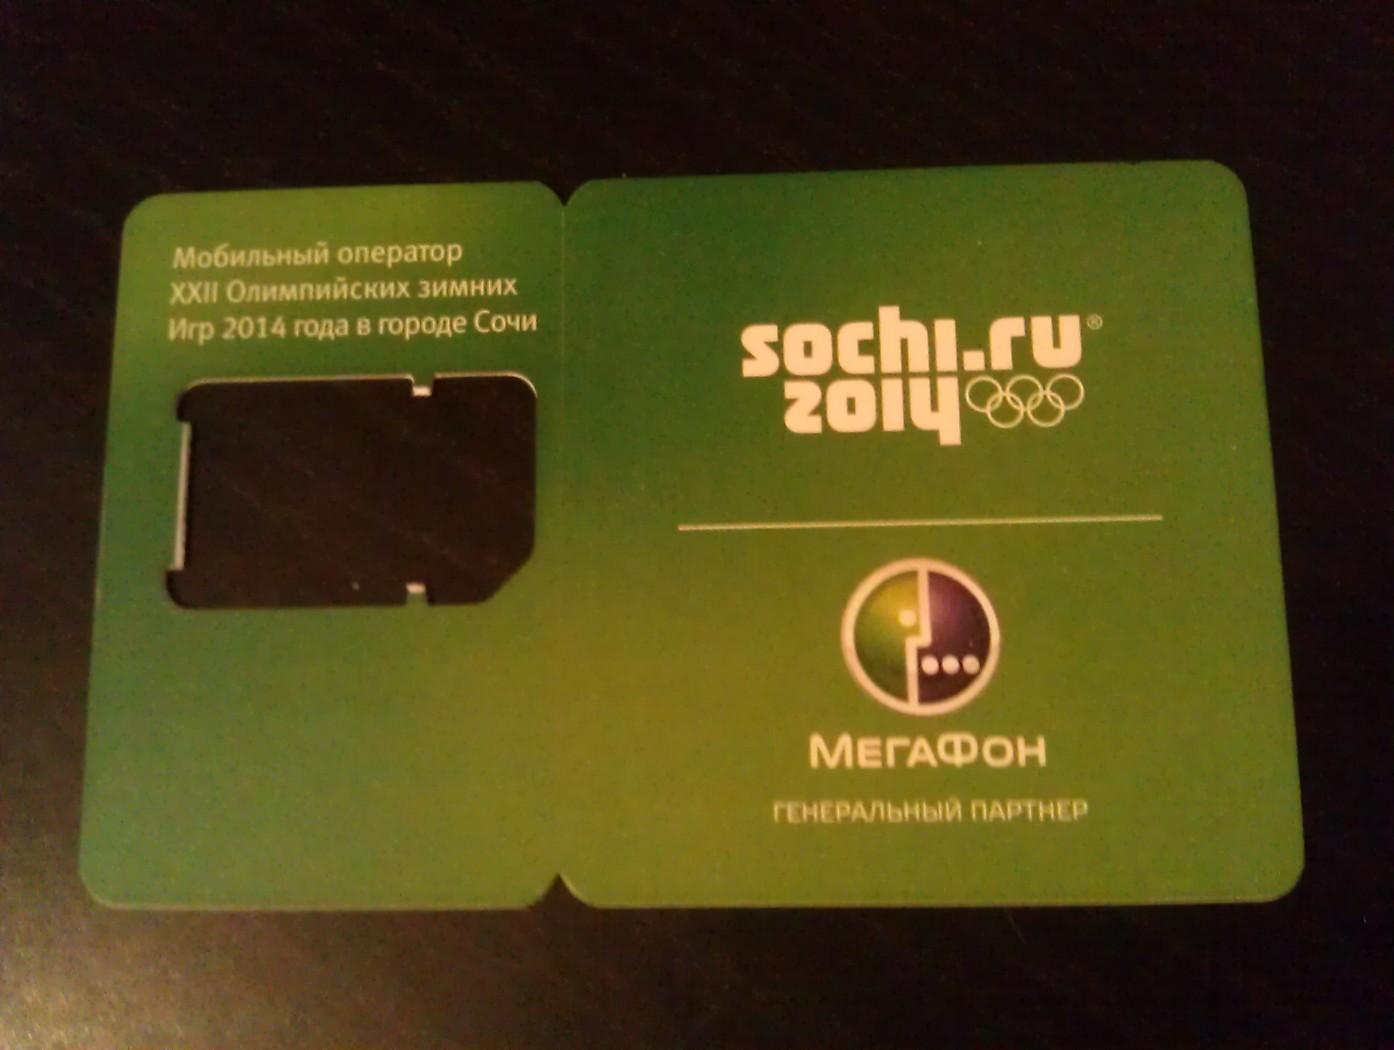 scratch-card-reverse